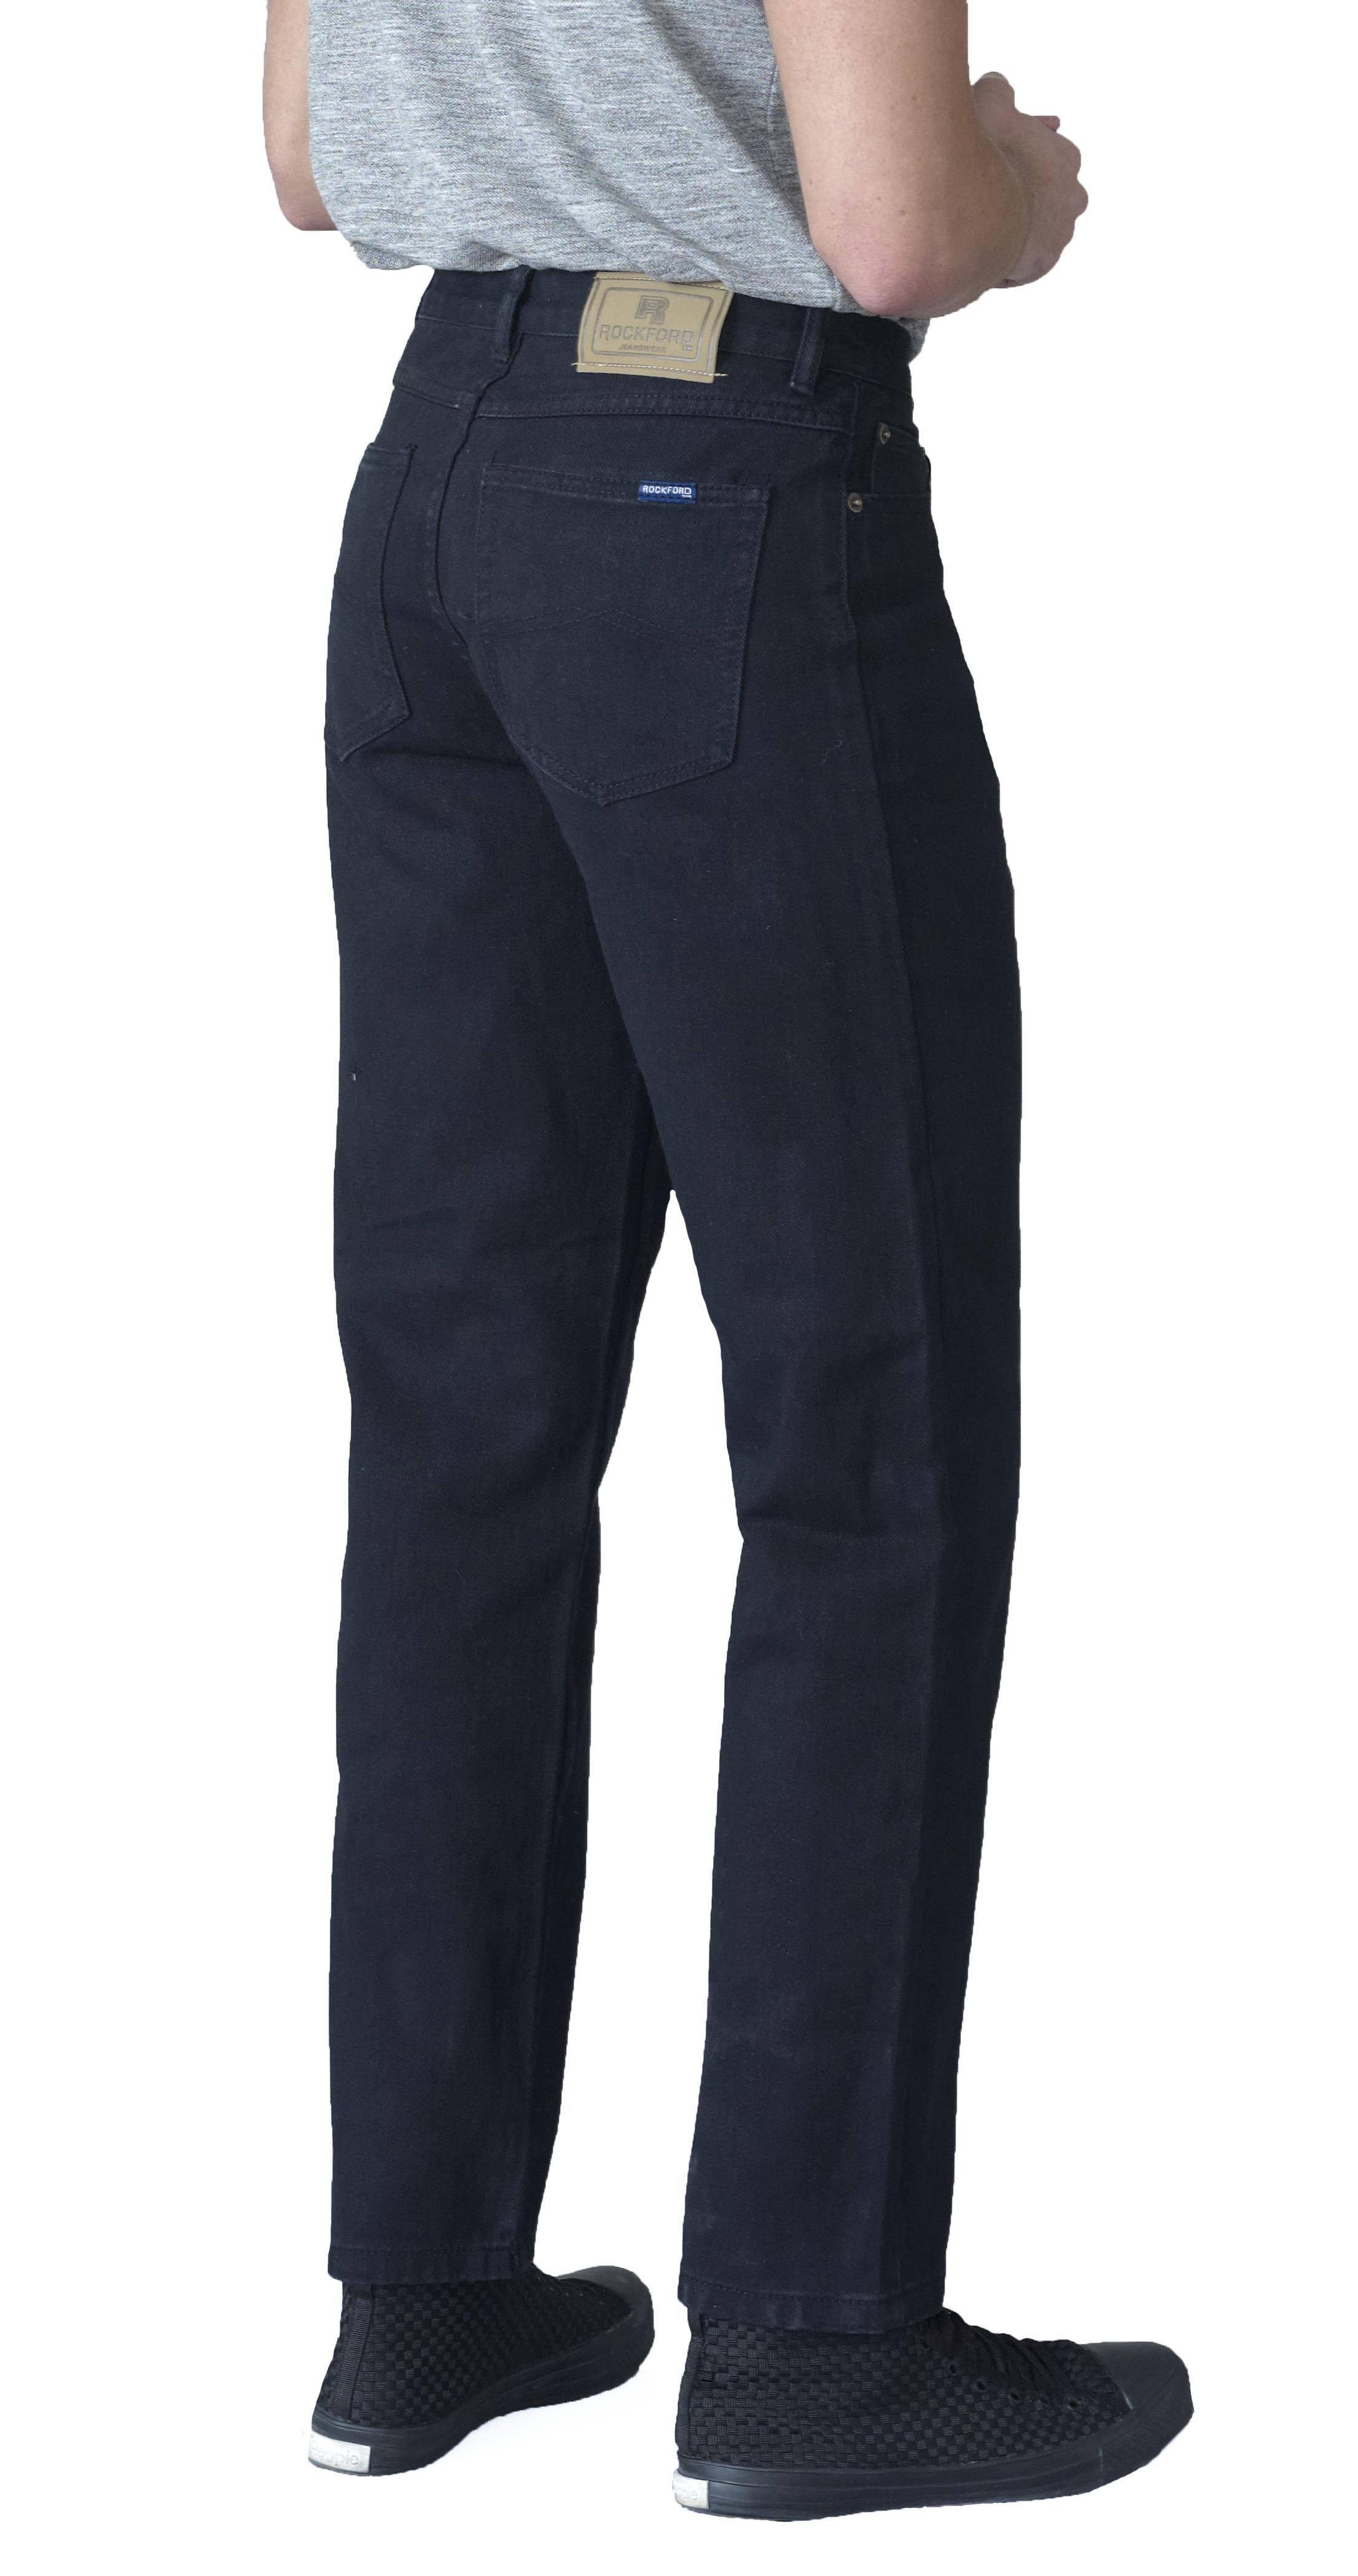 Rockford New Men's Extra Long Leg Tall Denim Comfort Fit Jeans Black 34L 38L